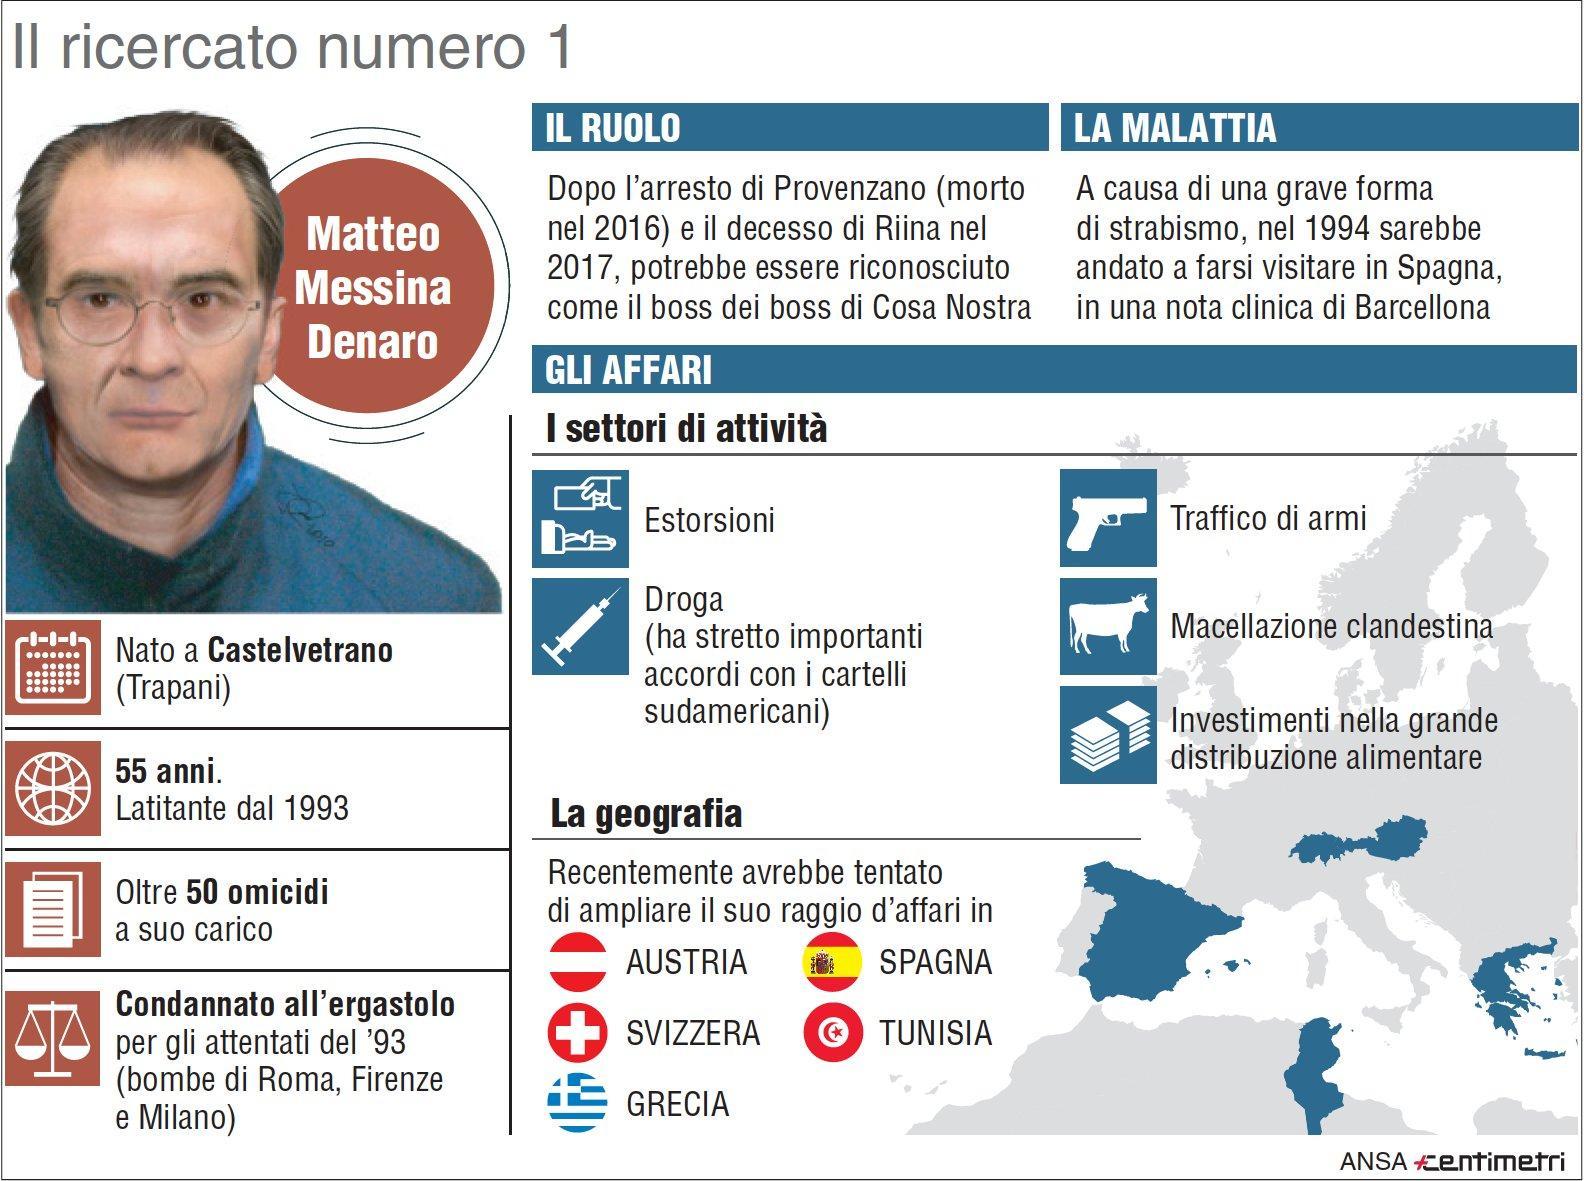 Il pizzino di Matteo Messina Denaro nel 2015 per un terreno ...